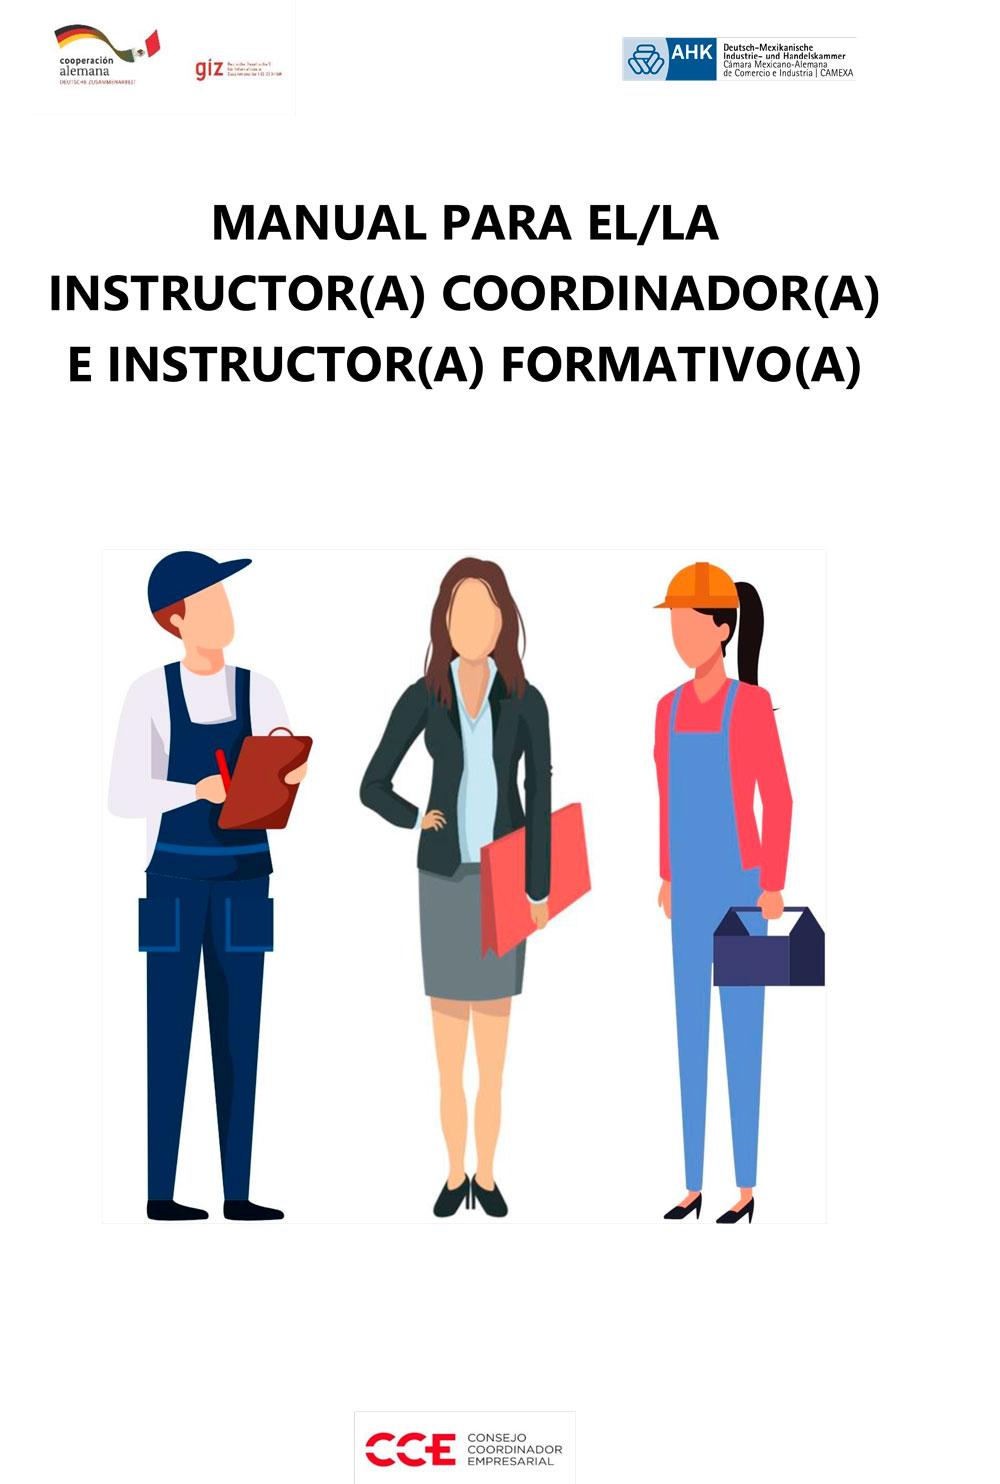 Manual para Instructores